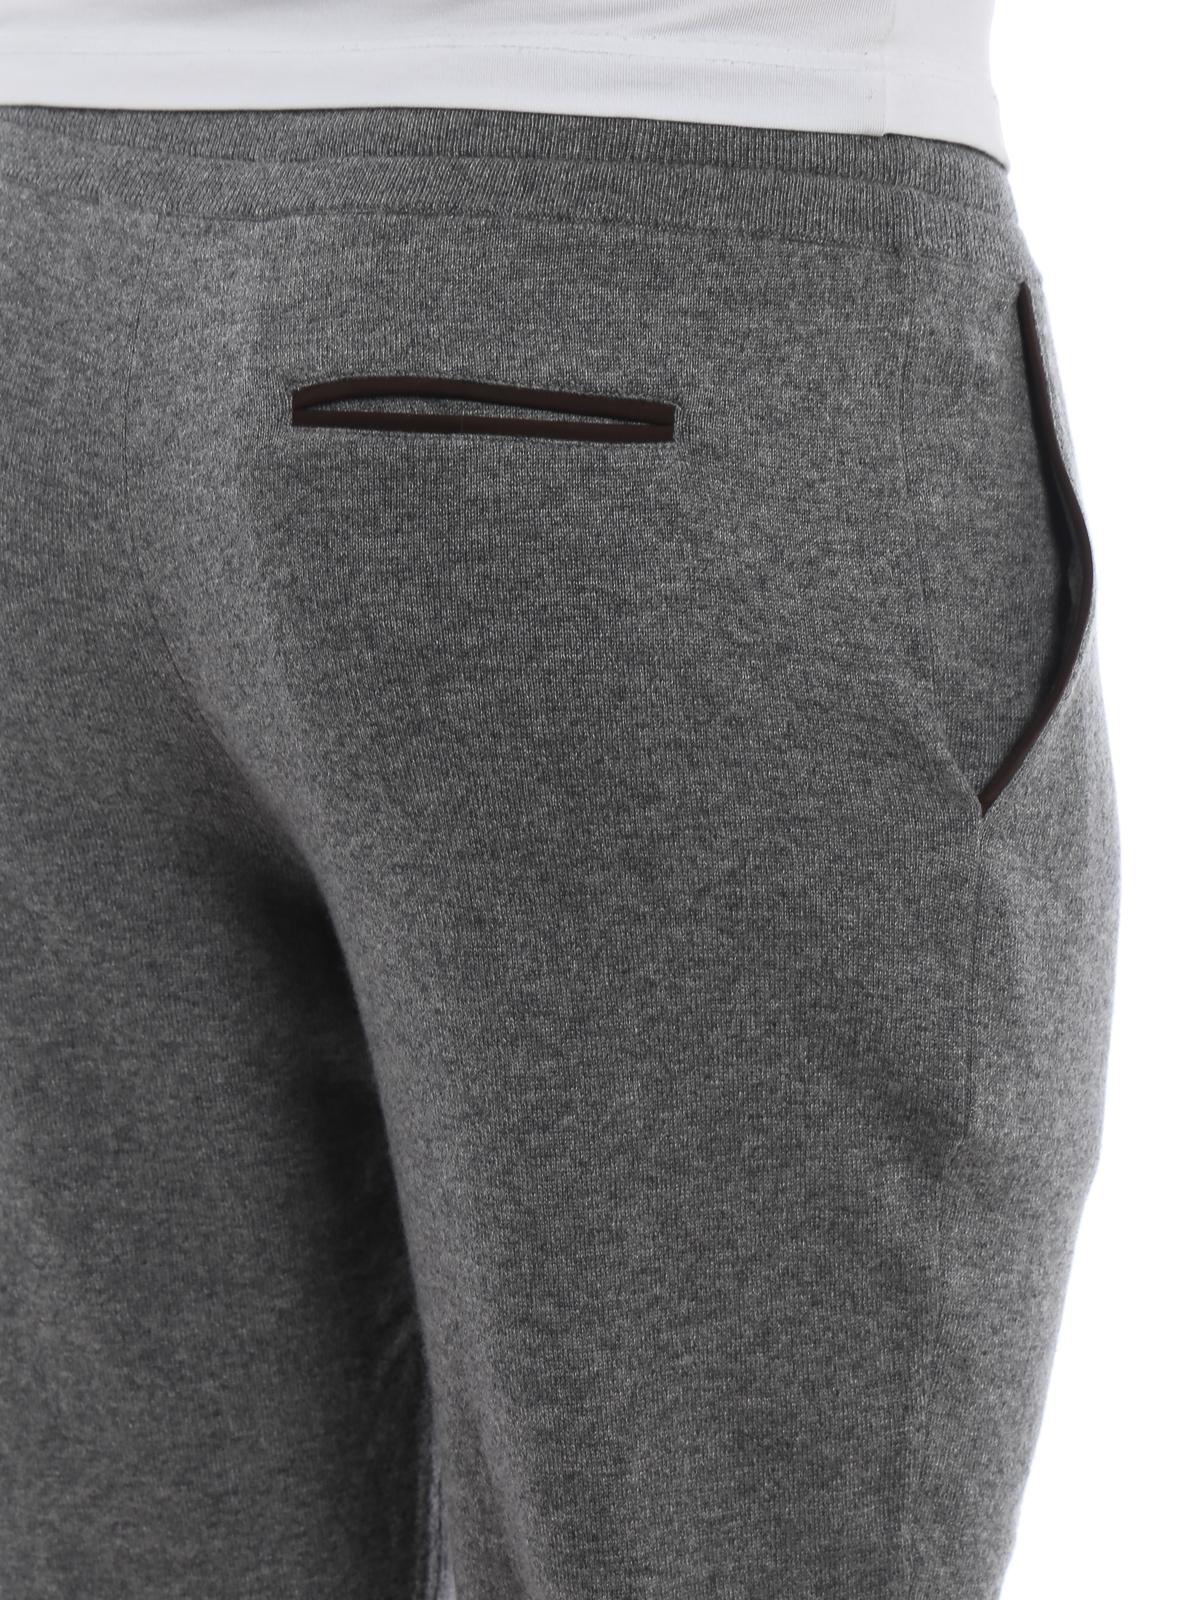 finest selection 52450 30e71 Ermenegildo Zegna - Pantaloni da tuta grigi in maglia di ...